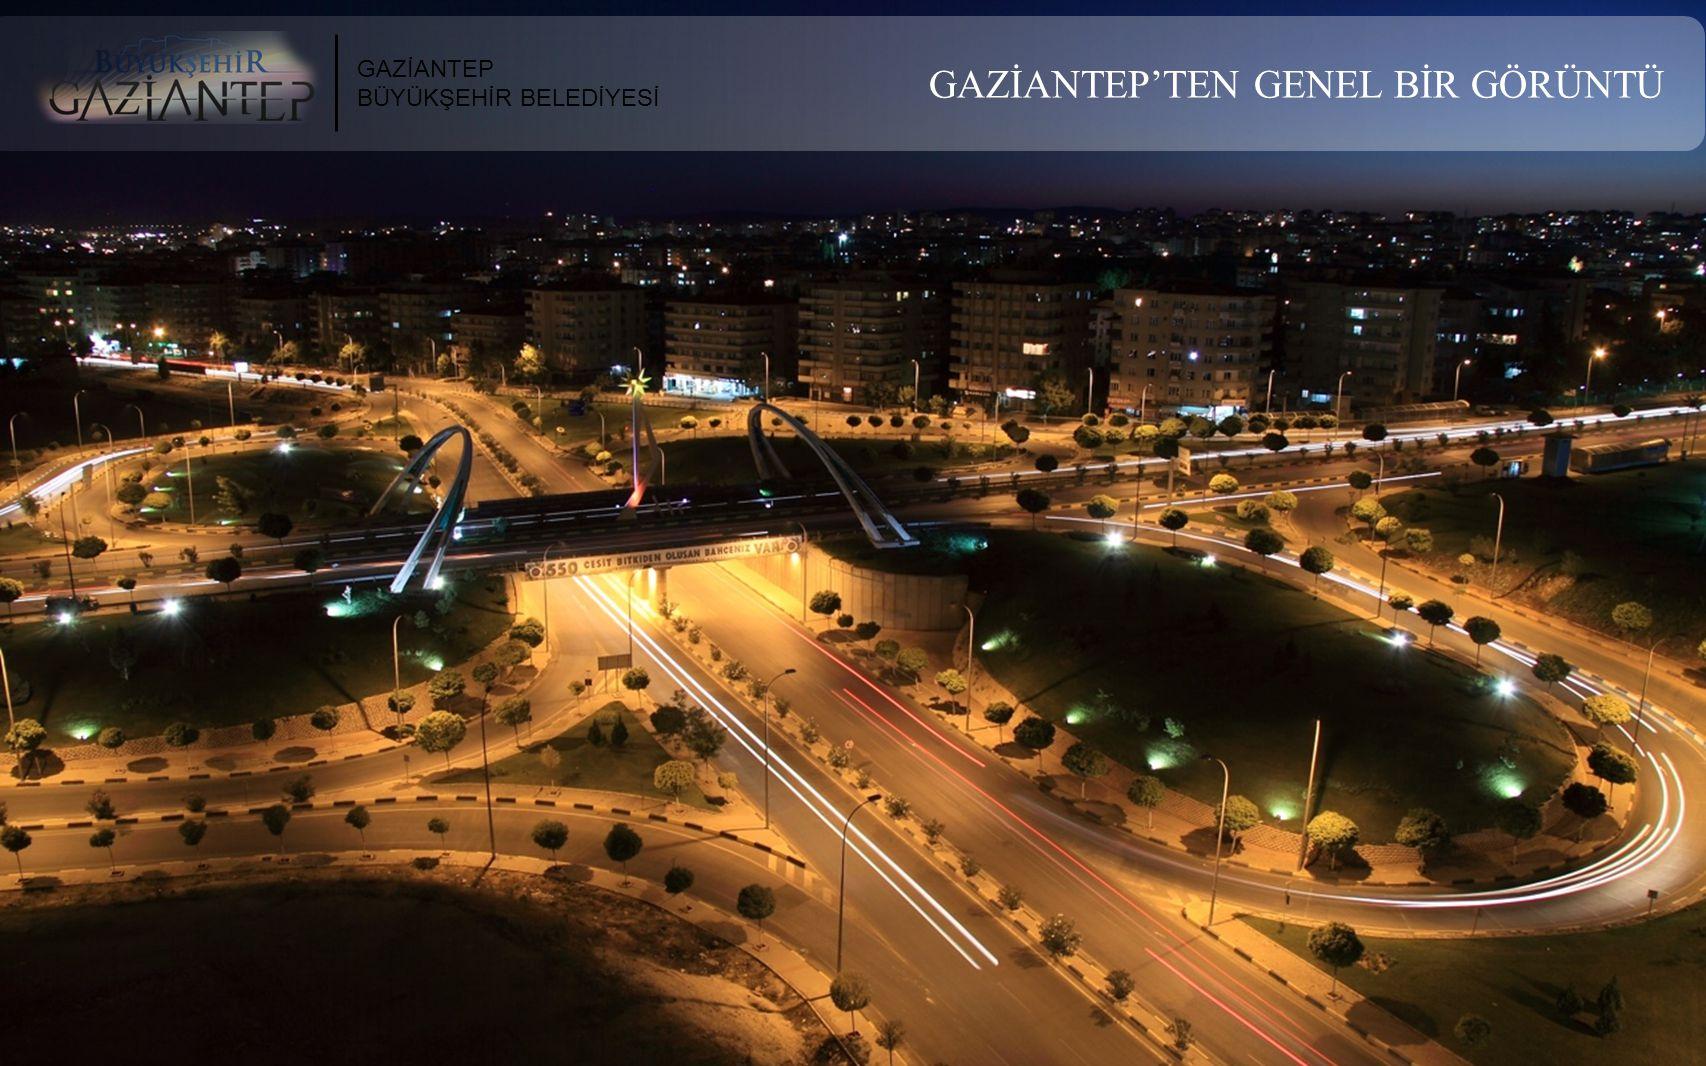 GAZİANTEP BÜYÜKŞEHİR BELEDİYESİ GAZİANTEP'TEN GENEL BİR GÖRÜNTÜ